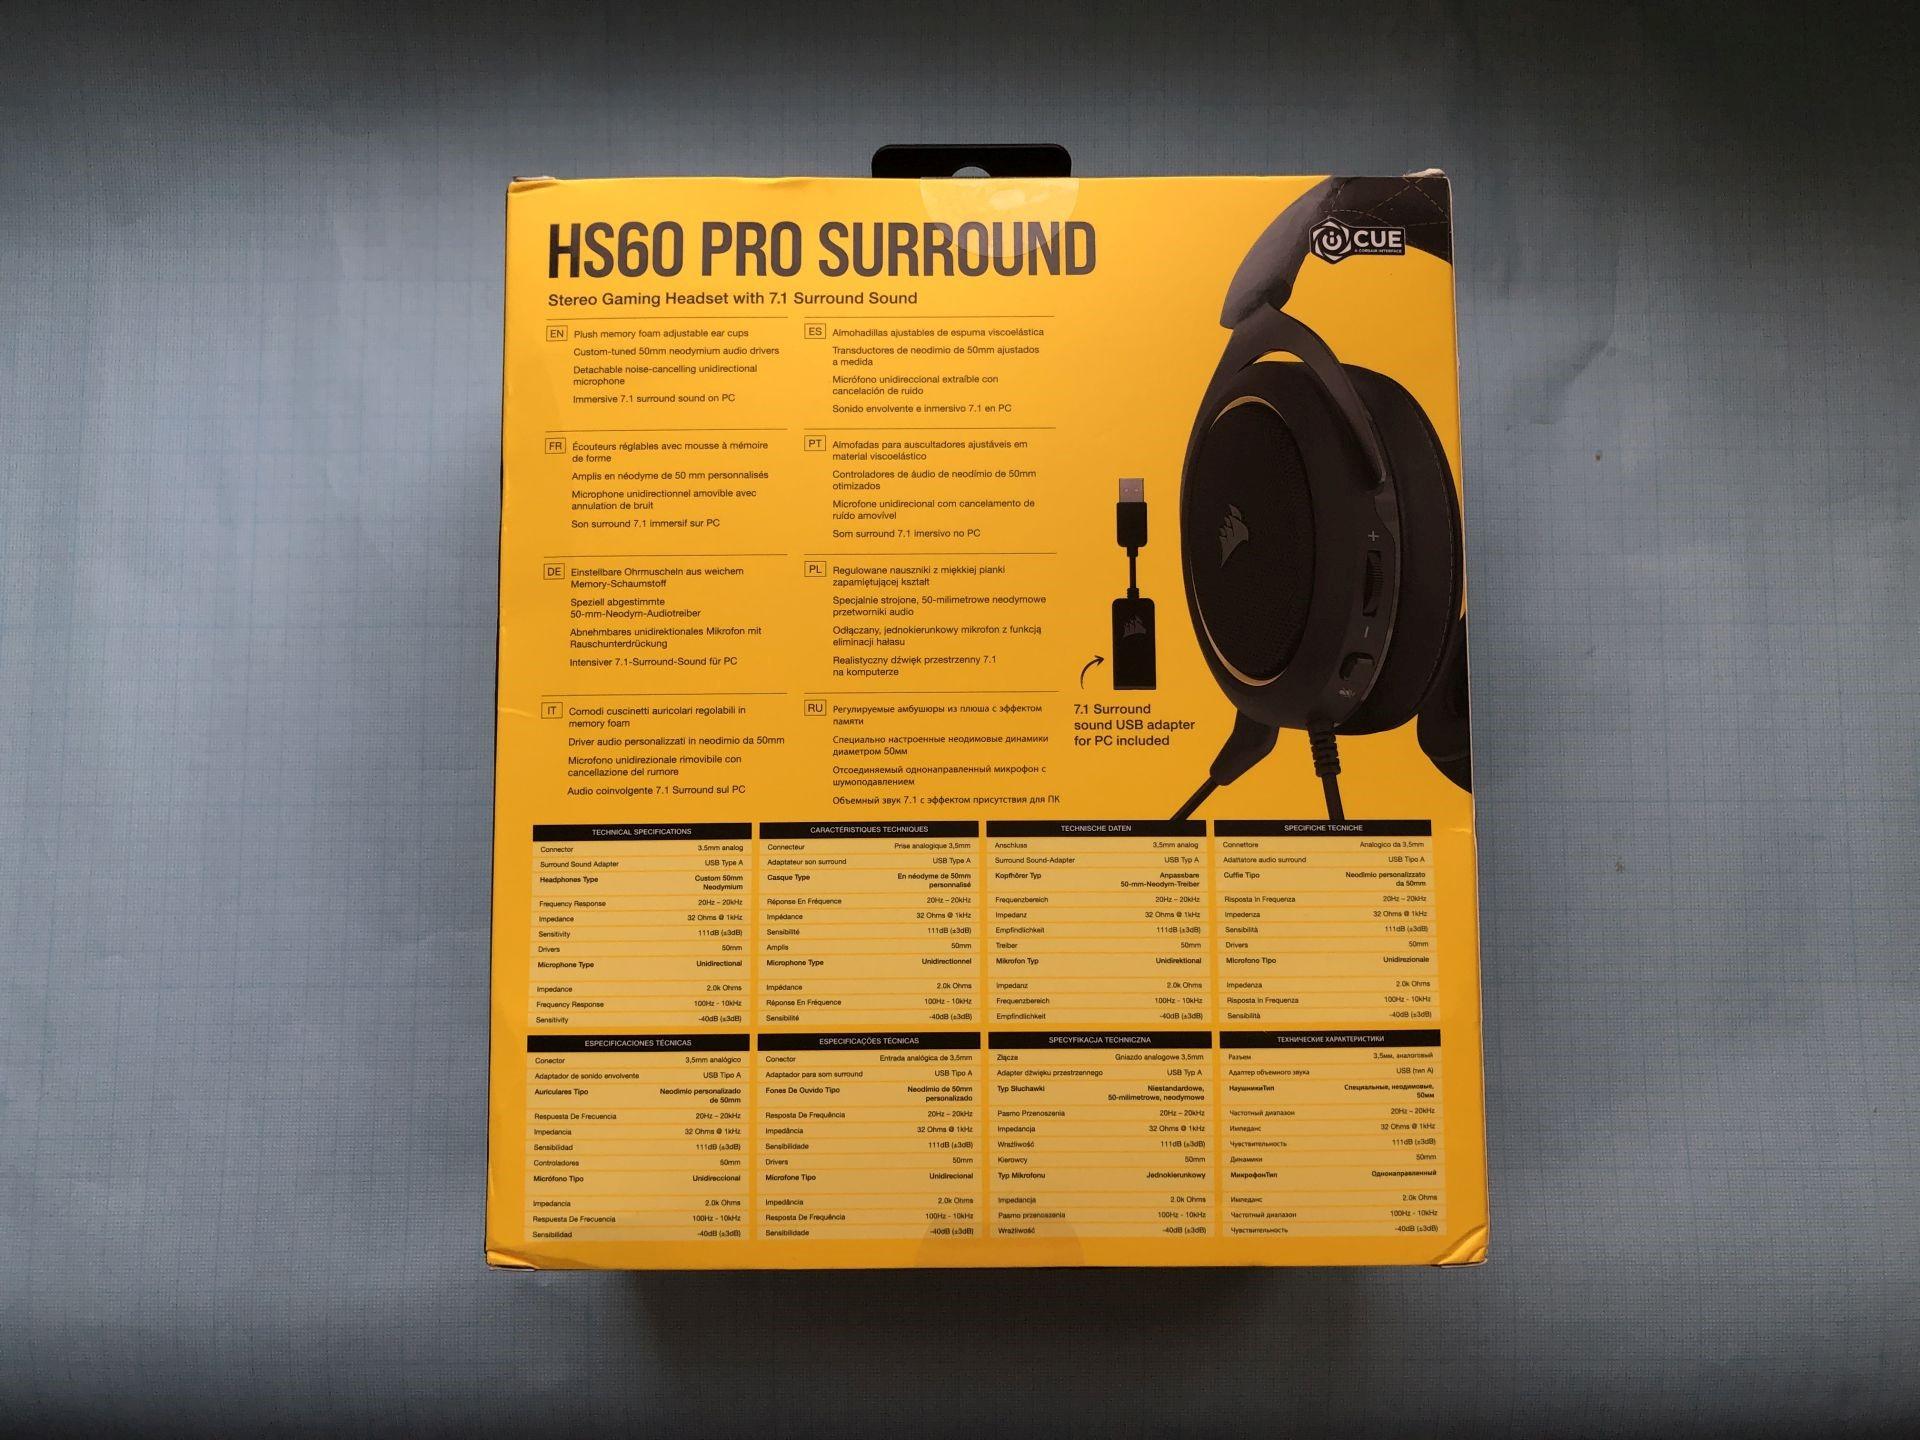 Обзор игровой гарнитуры Corsair HS60 PRO Surround